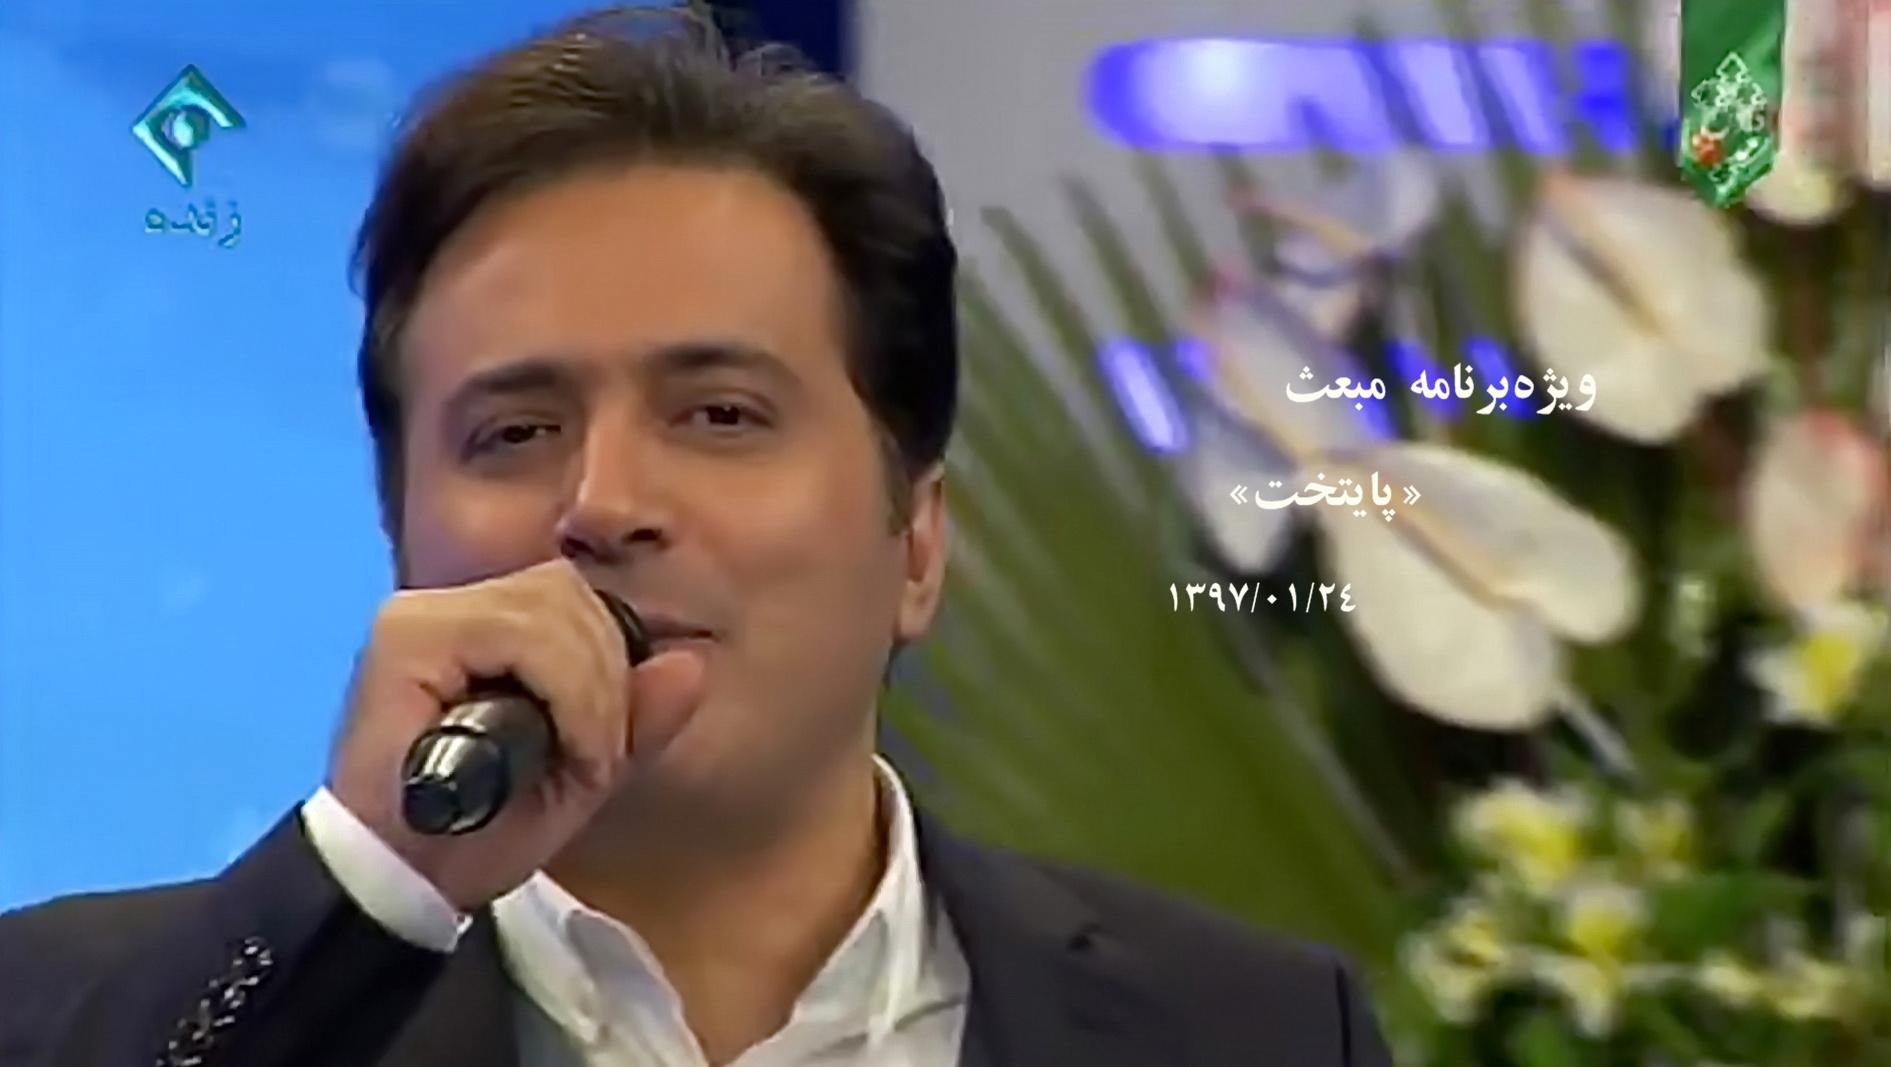 دانلود ویژهبرنامه مبعث باحضور مجید اخشابی-فروردین97